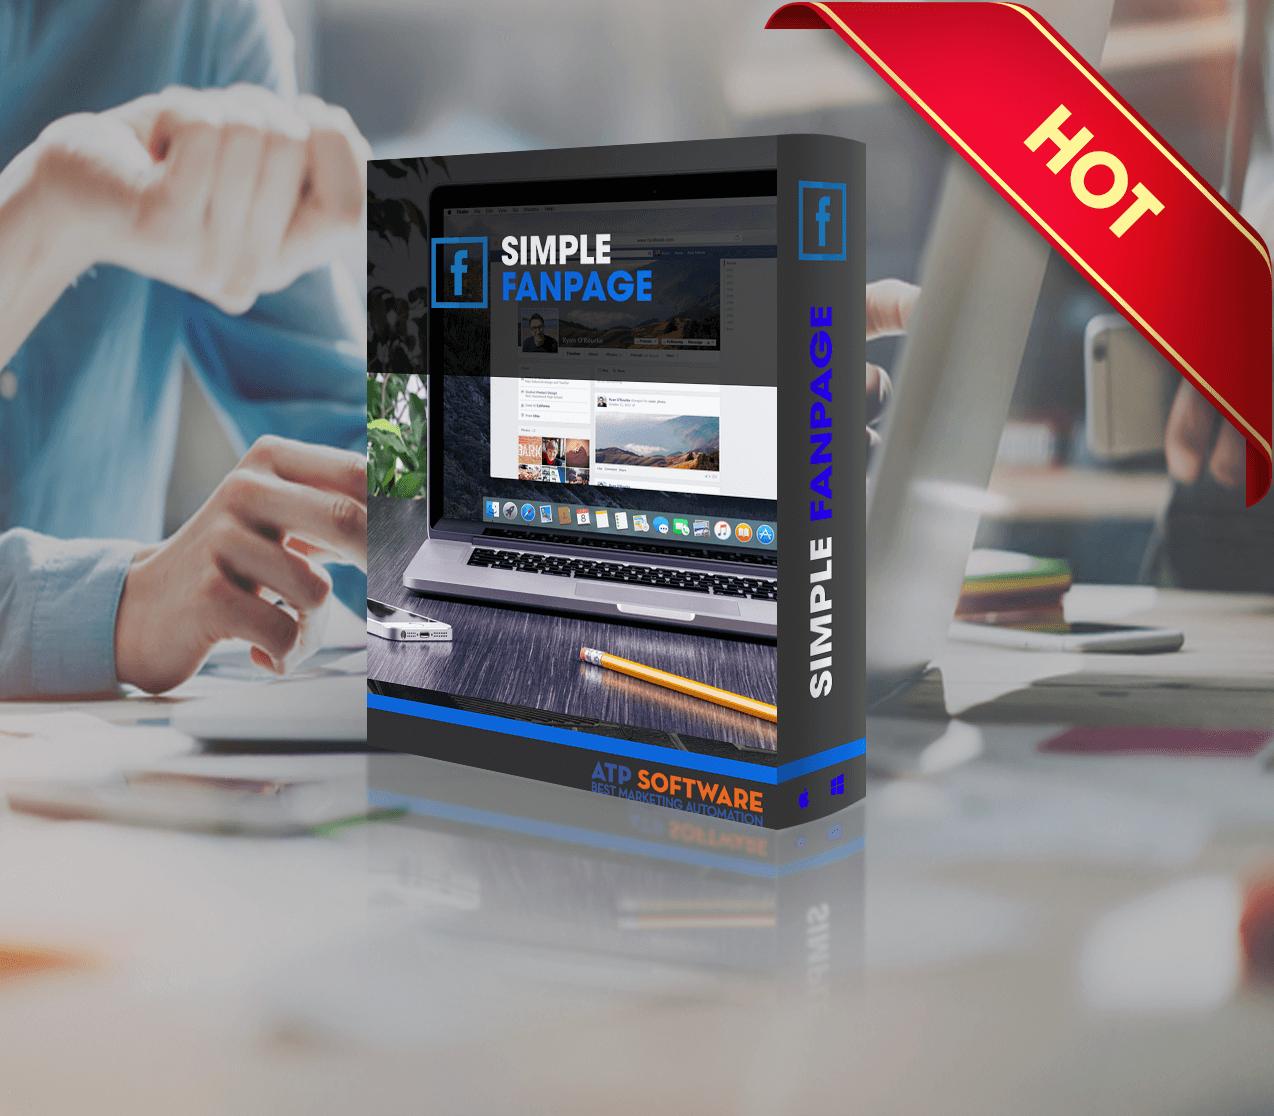 simple fanpage atpsofware - Top Phần mềm bán hàng và hỗ trợ kinh doanh tốt nhất hiện nay